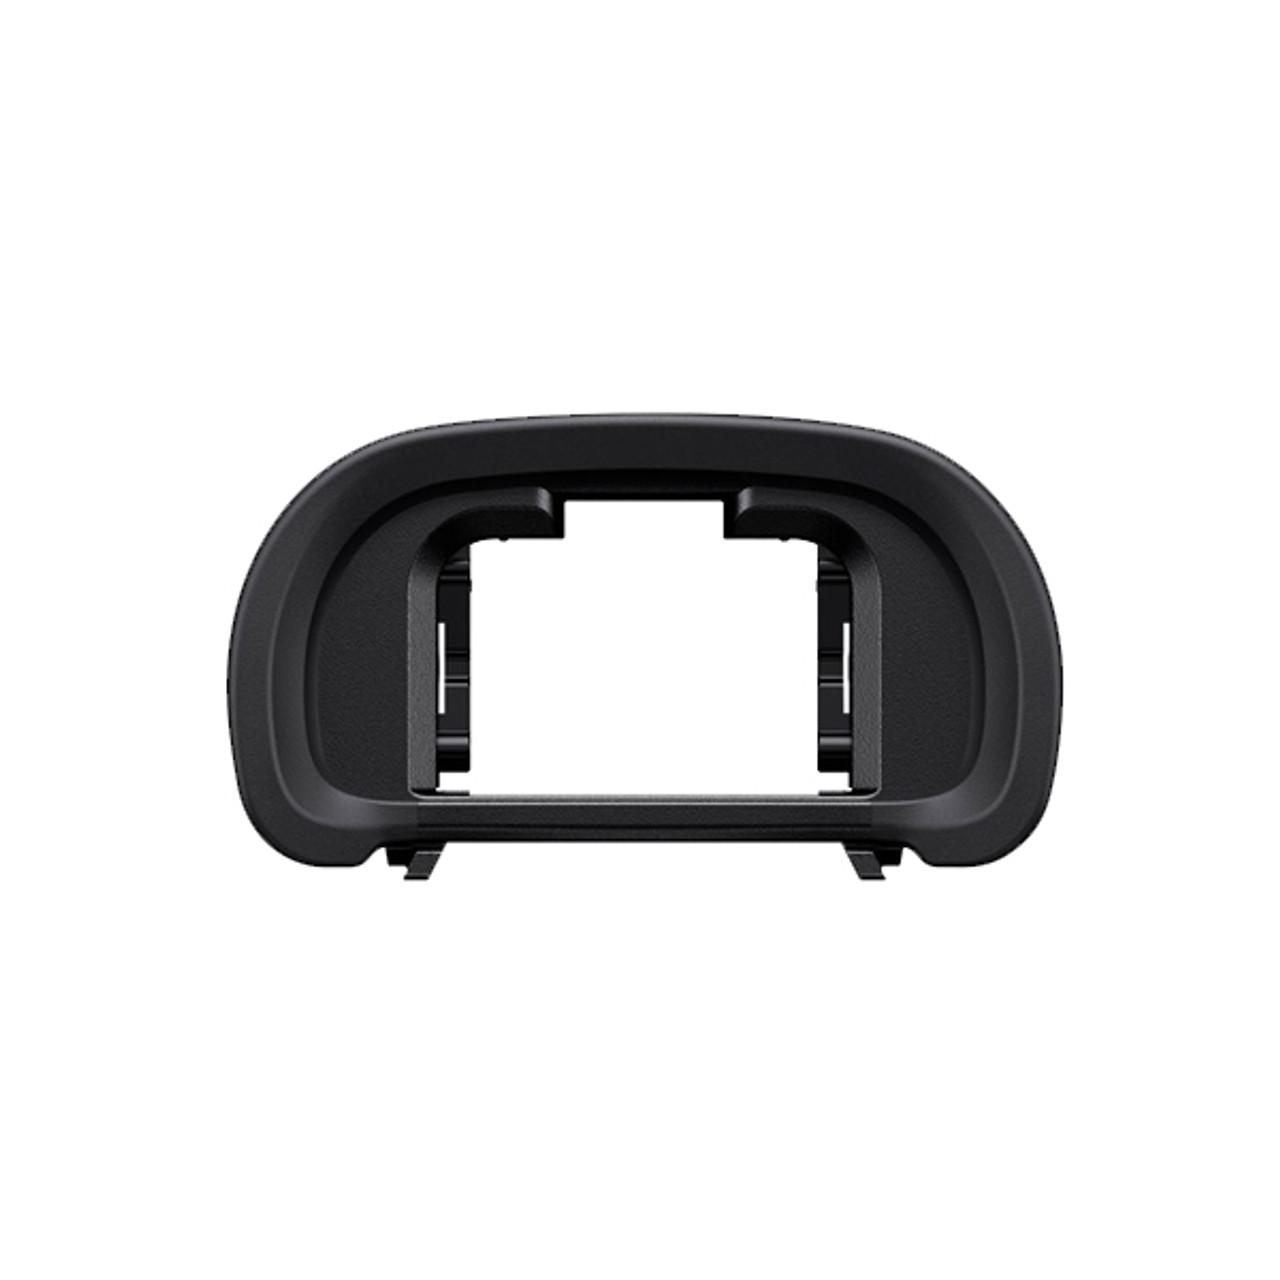 Sony FDAEP18 Eyecup for A9/A7M2